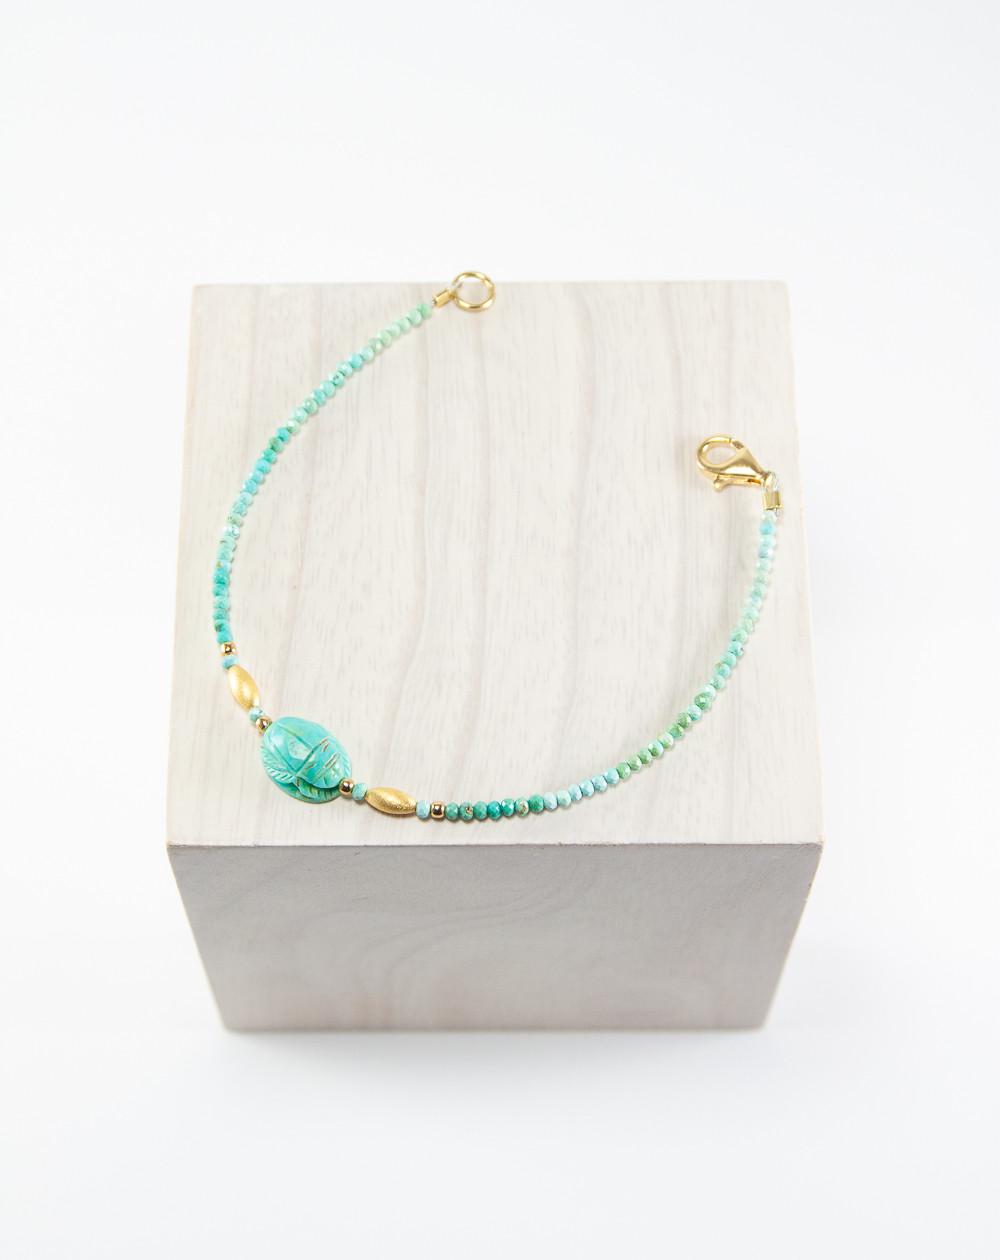 Bracelet Scarabée en Turquoise montage plaqué or. Sanuk Création. Créateurs Français.